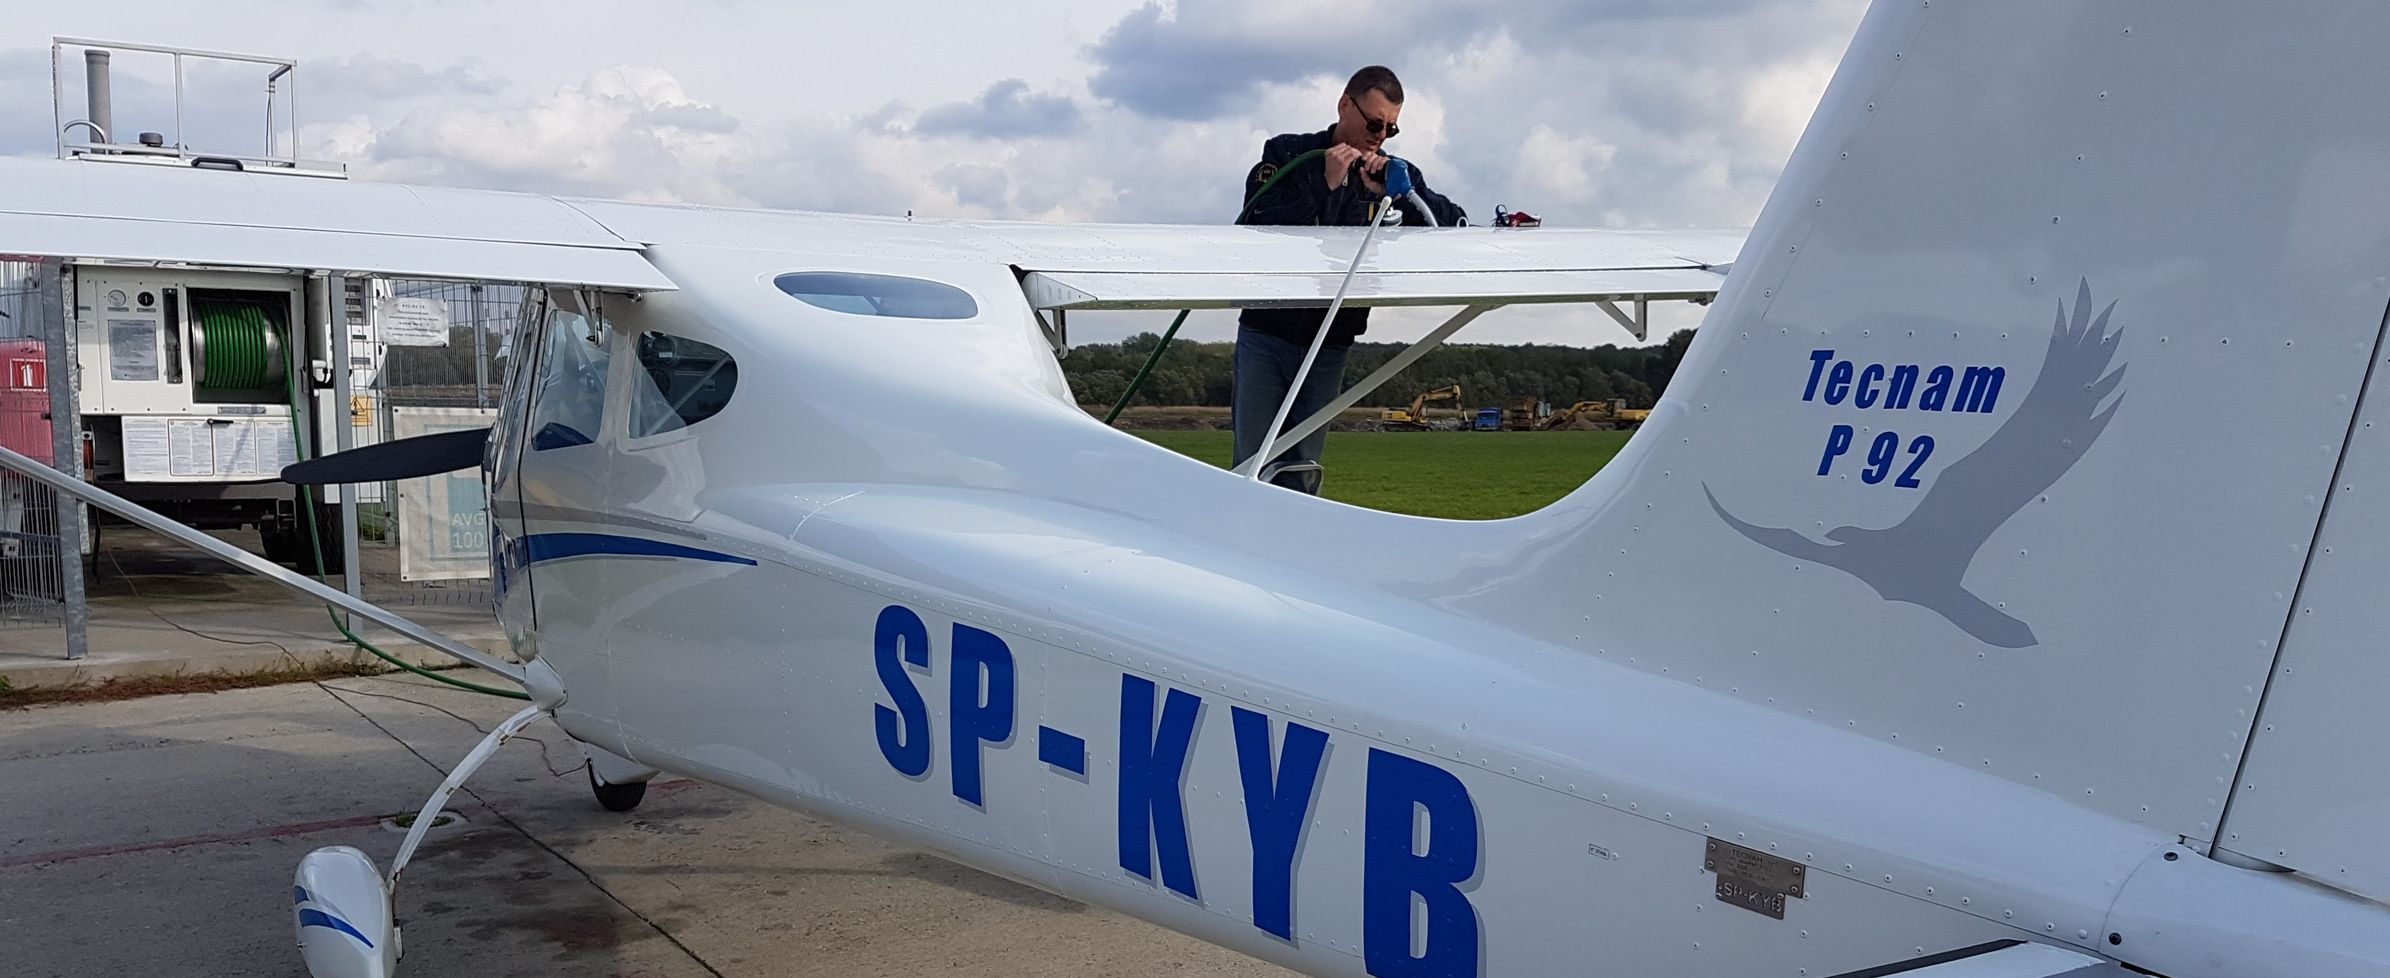 Tankuj samolot bezpiecznie i legalnie